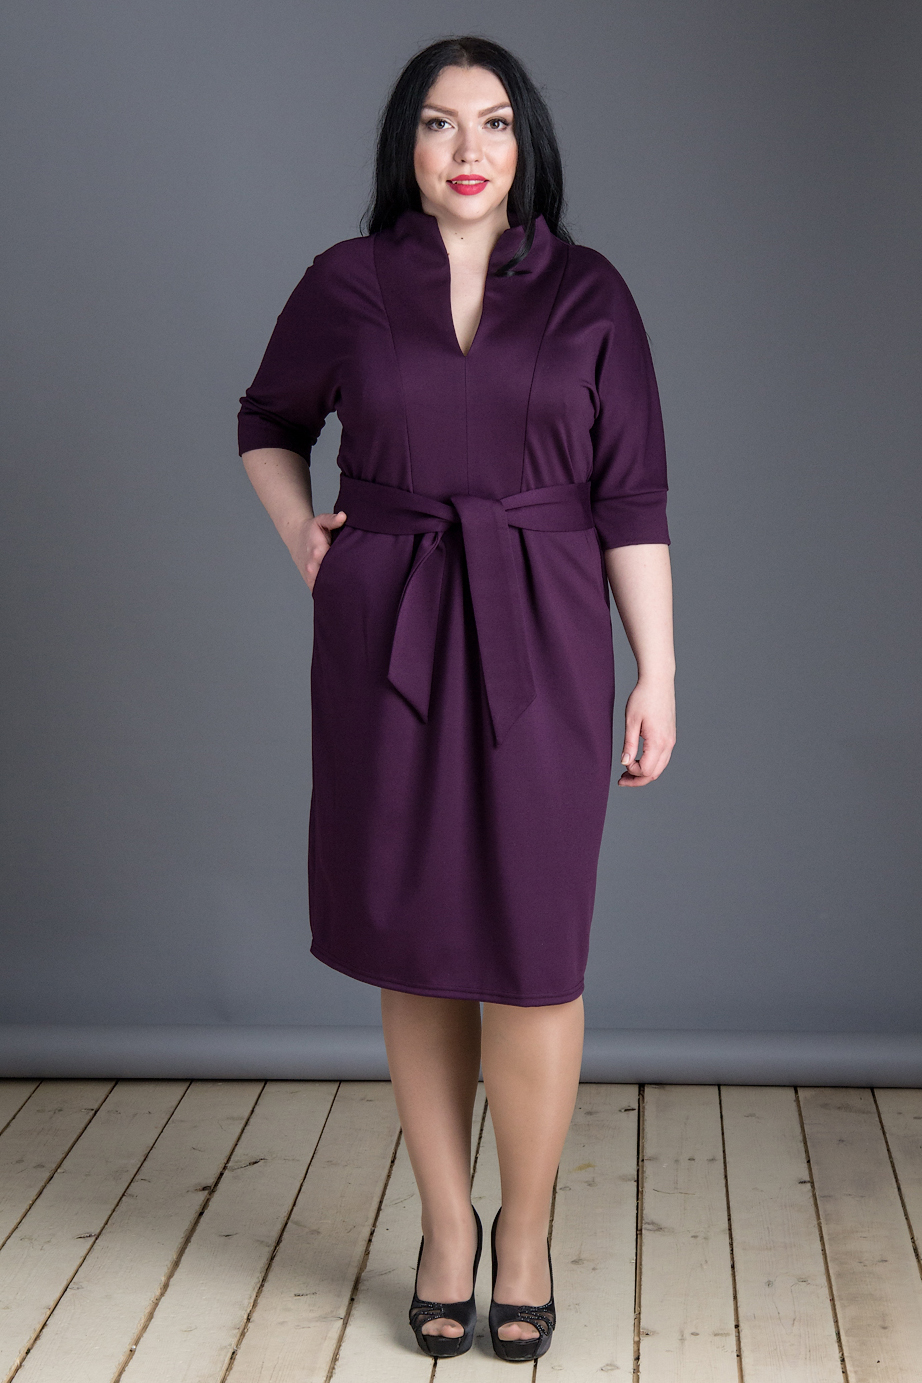 ПлатьеПлатья<br>Роскошное платье с V-образной горловиной и рукавами 3/4. Модель выполнена из приятного трикотажа. Отличный выбор для любого случая. Платье без пояса.  В изделии использованы цвета: темно-лиловый  Длина изделия: 50 размер - 108 см 52 размер - 109 см 54 размер - 110 см 56 размер - 111 см  Рост девушки-фотомодели 175 см.<br><br>Горловина: V- горловина<br>По длине: Ниже колена<br>По материалу: Трикотаж<br>По рисунку: Однотонные<br>По силуэту: Полуприталенные<br>По стилю: Кэжуал,Офисный стиль,Повседневный стиль<br>По элементам: С разрезом<br>Разрез: Короткий,Шлица<br>Рукав: Рукав три четверти<br>По сезону: Осень,Весна<br>Размер : 50,52,54,56<br>Материал: Трикотаж<br>Количество в наличии: 10